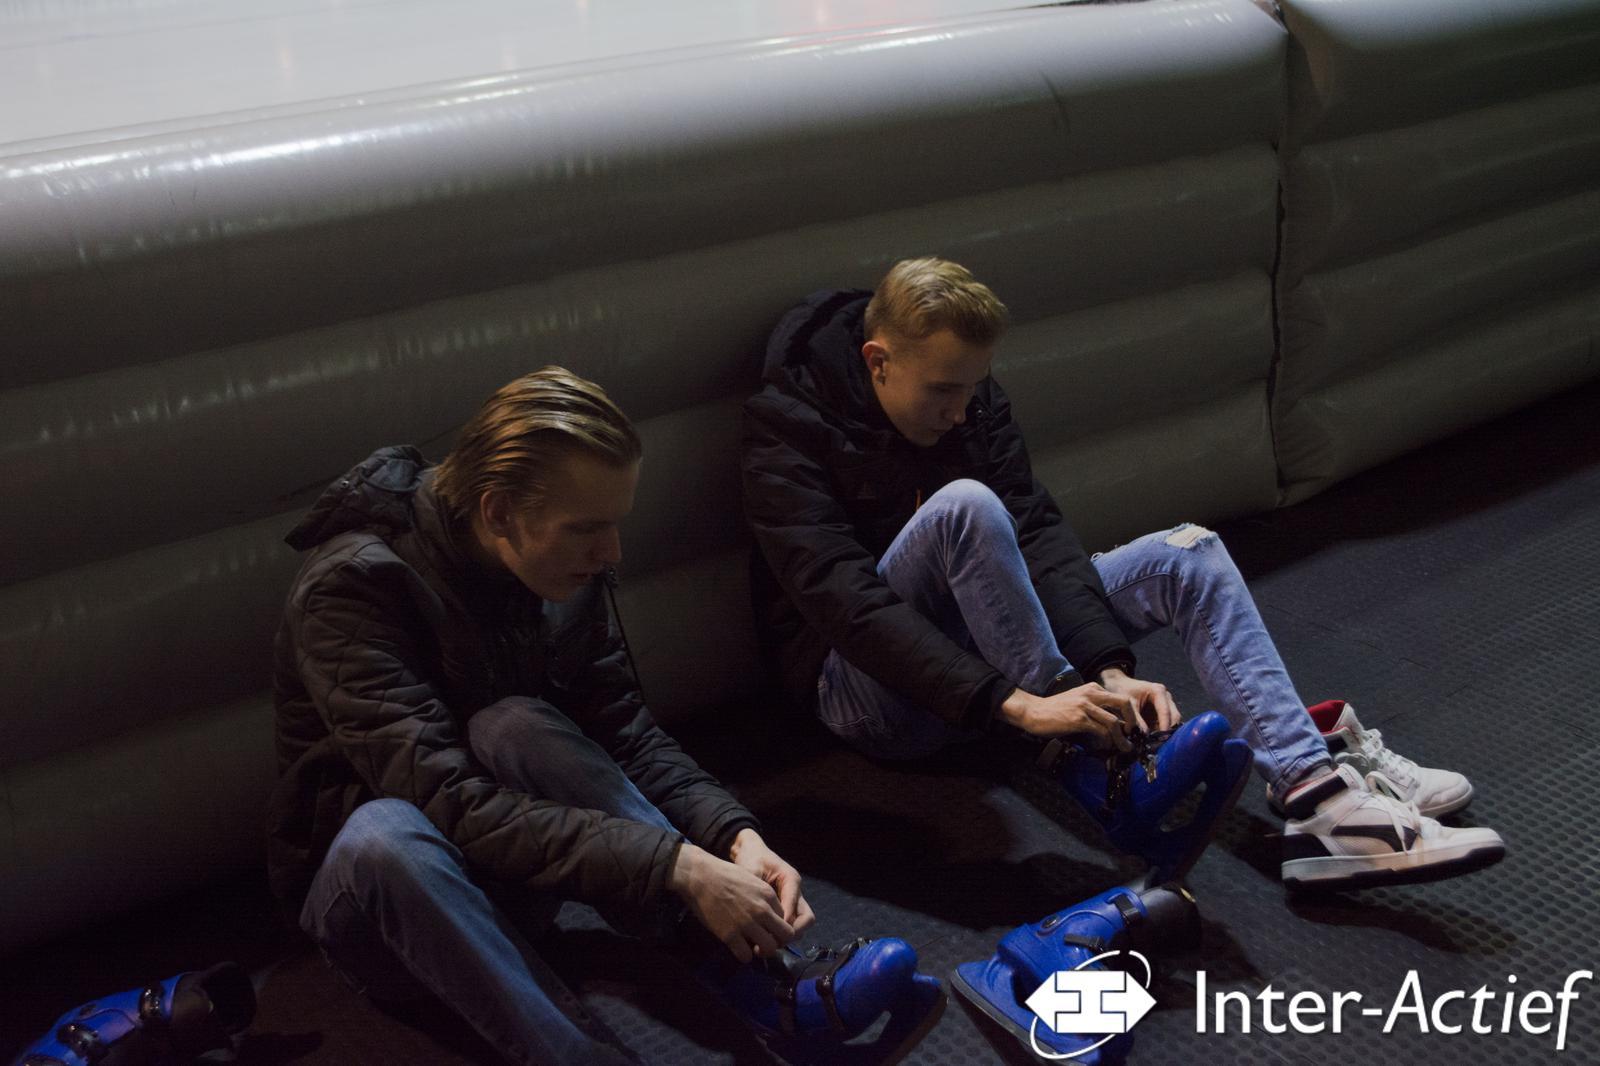 IceSkating20200116_NielsdeGroot-1.jpg